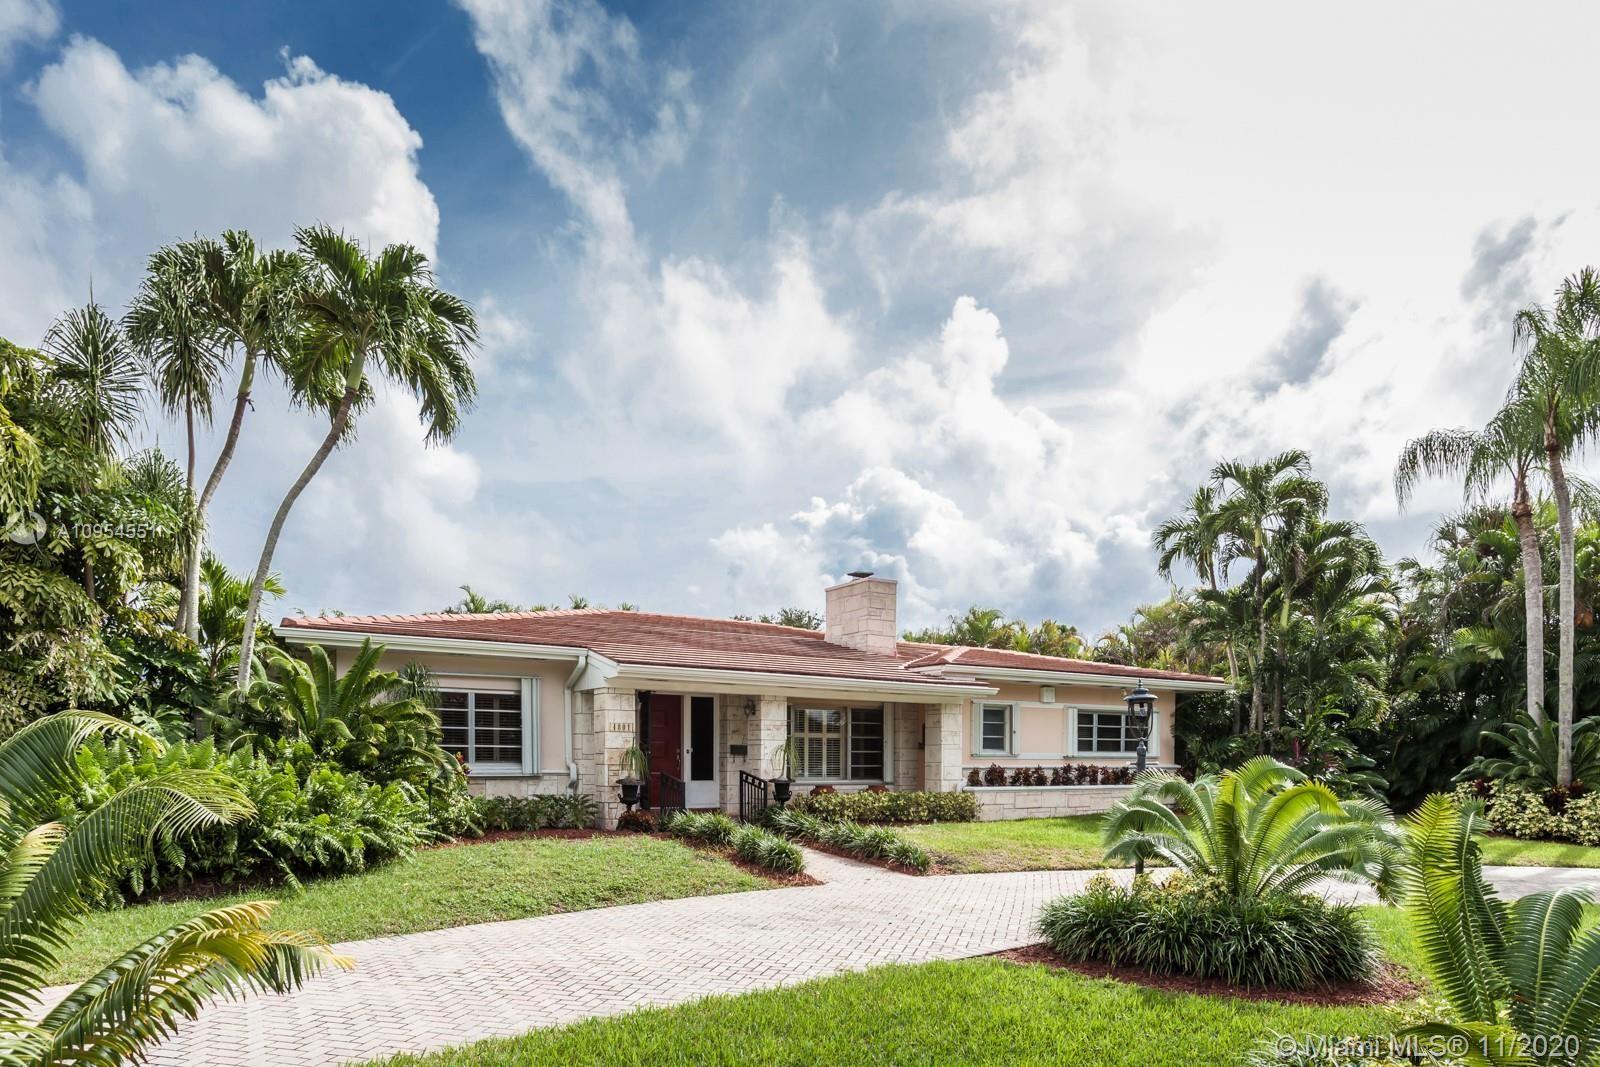 4801 Granada Blvd, Coral Gables, FL 33146 - #: A10954551